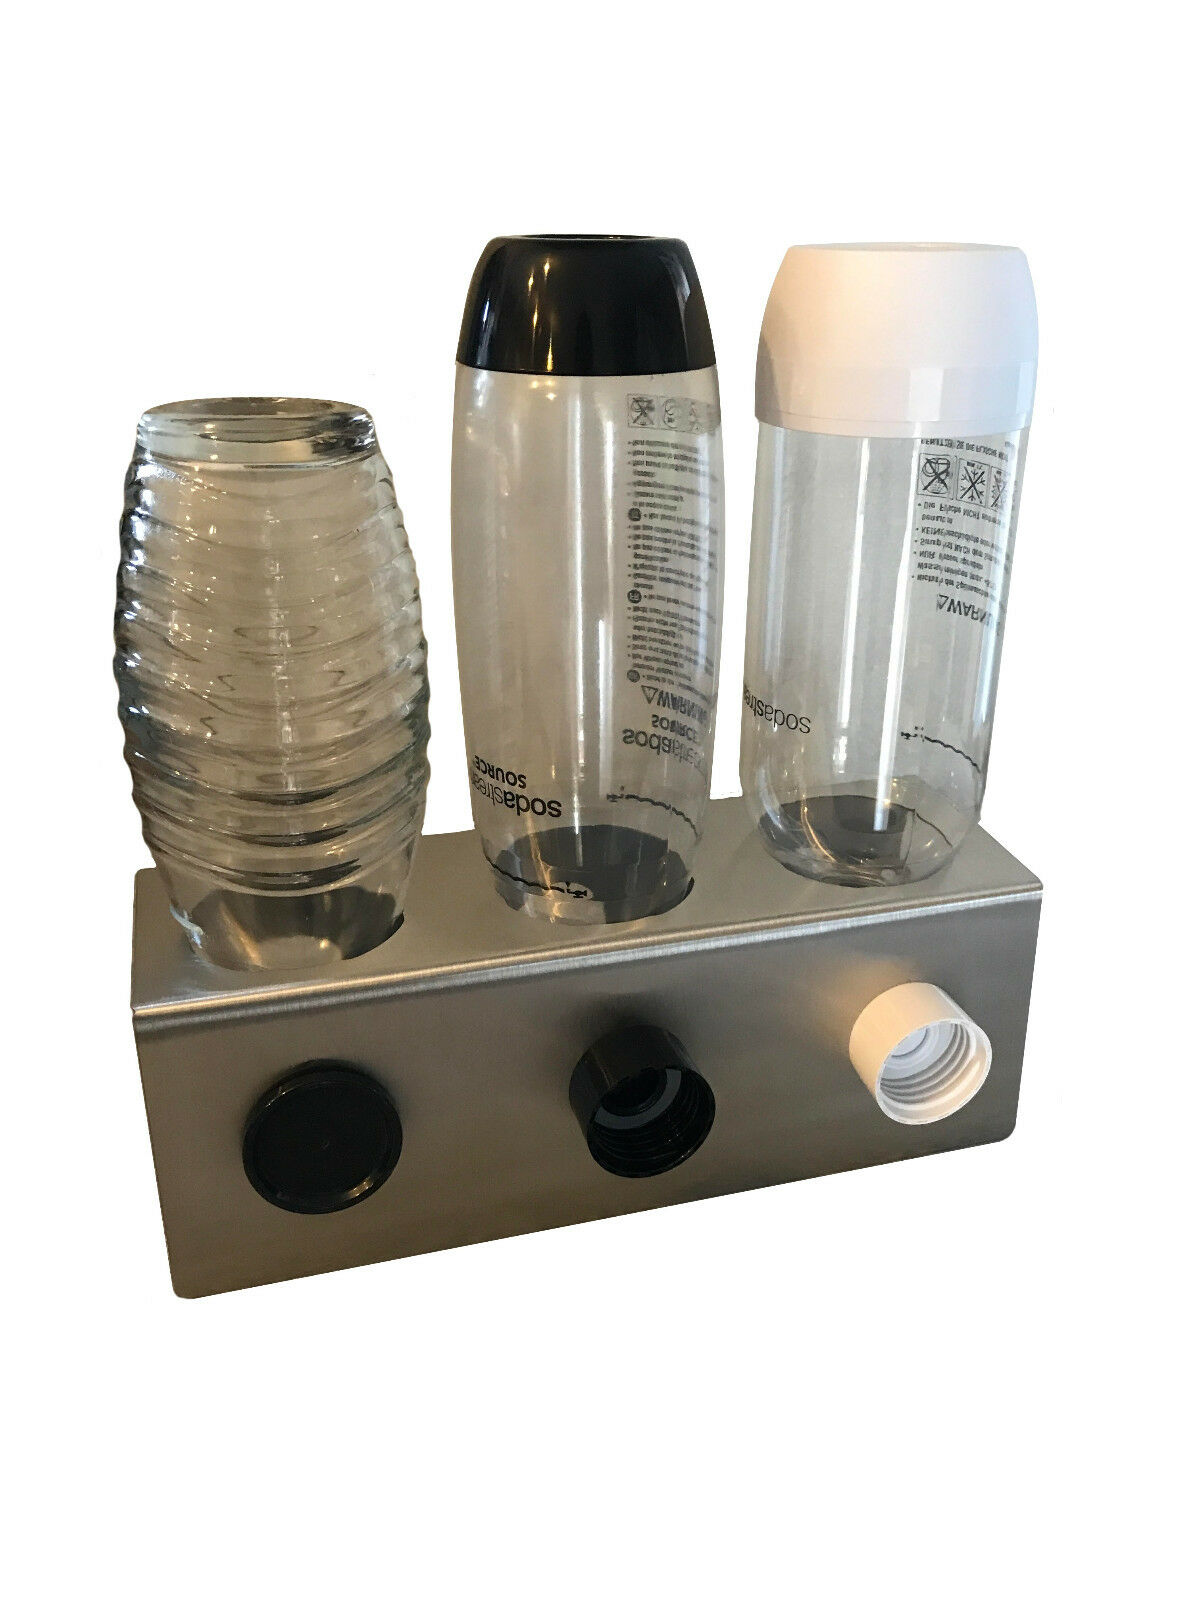 3er Abtropfhalter aus Edelstahl z.B. Sodastream Crystal Flaschen Flaschenhalter